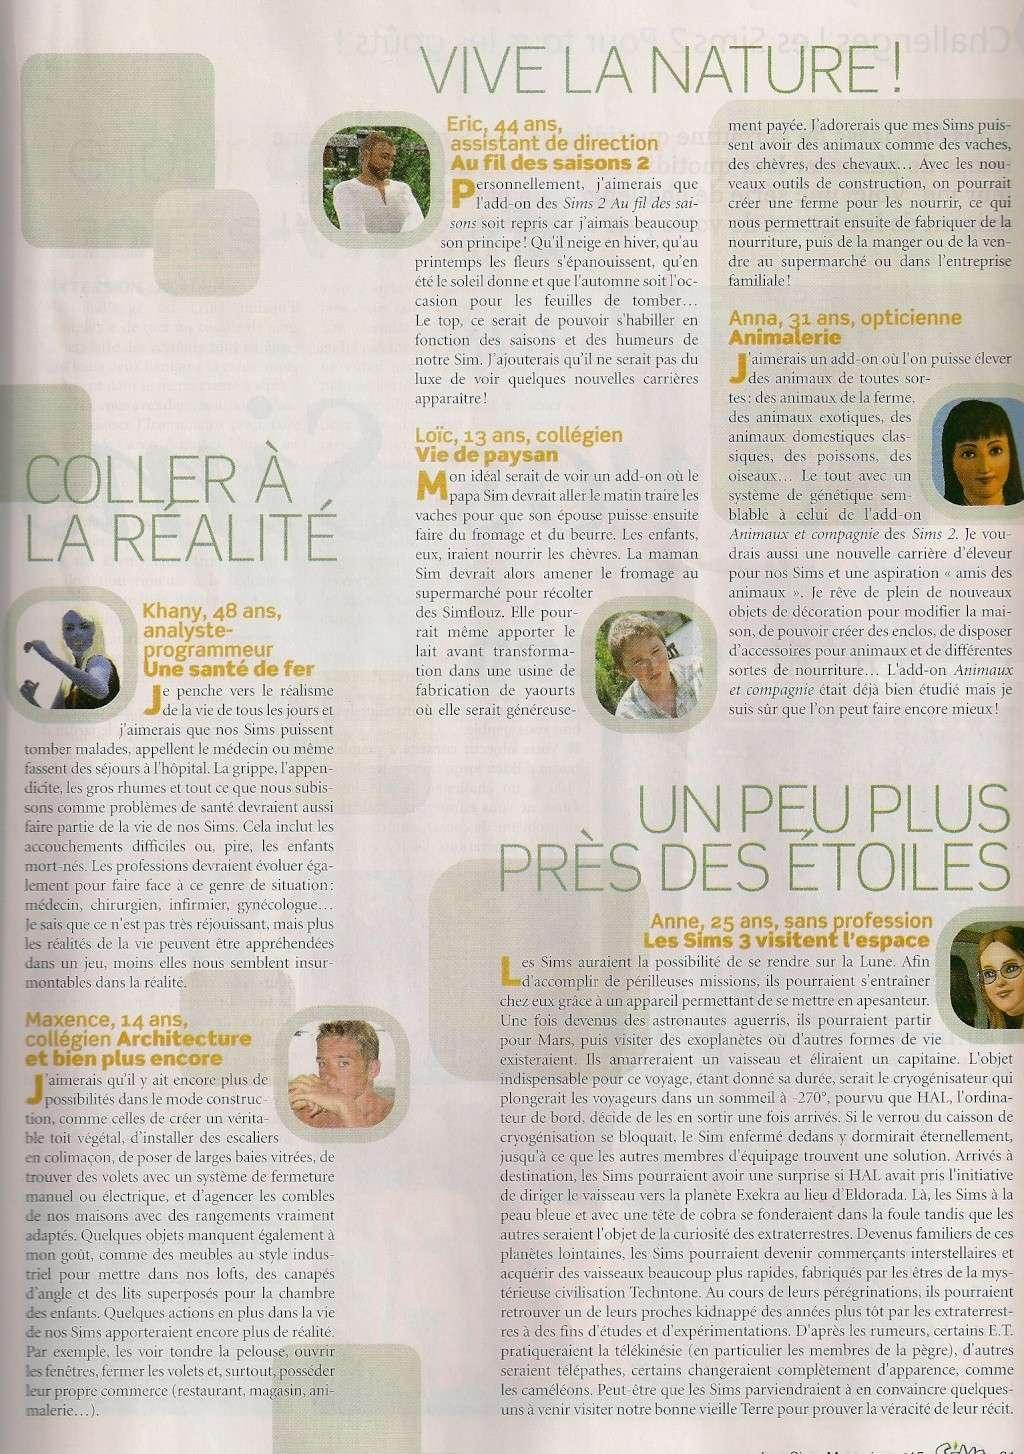 Le Magazine officiel [Arrêté] - Page 2 Numari12